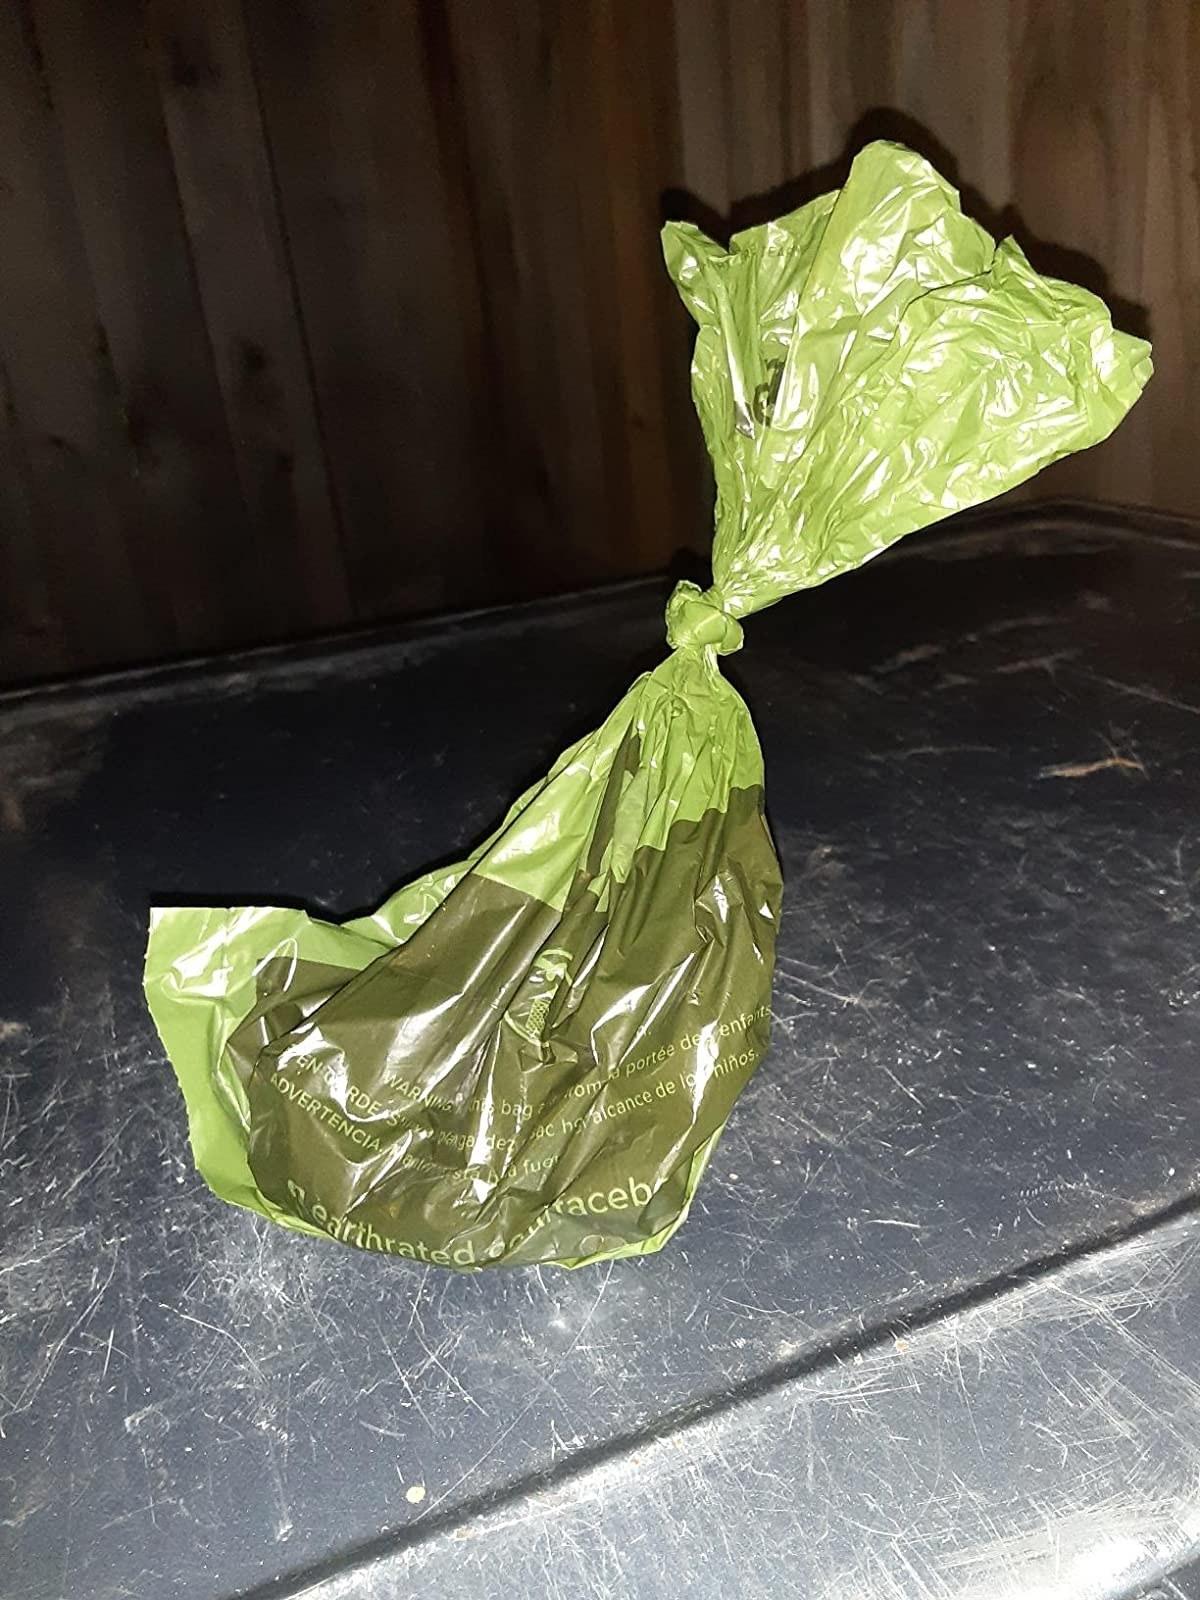 A dog poop bag with poop in it